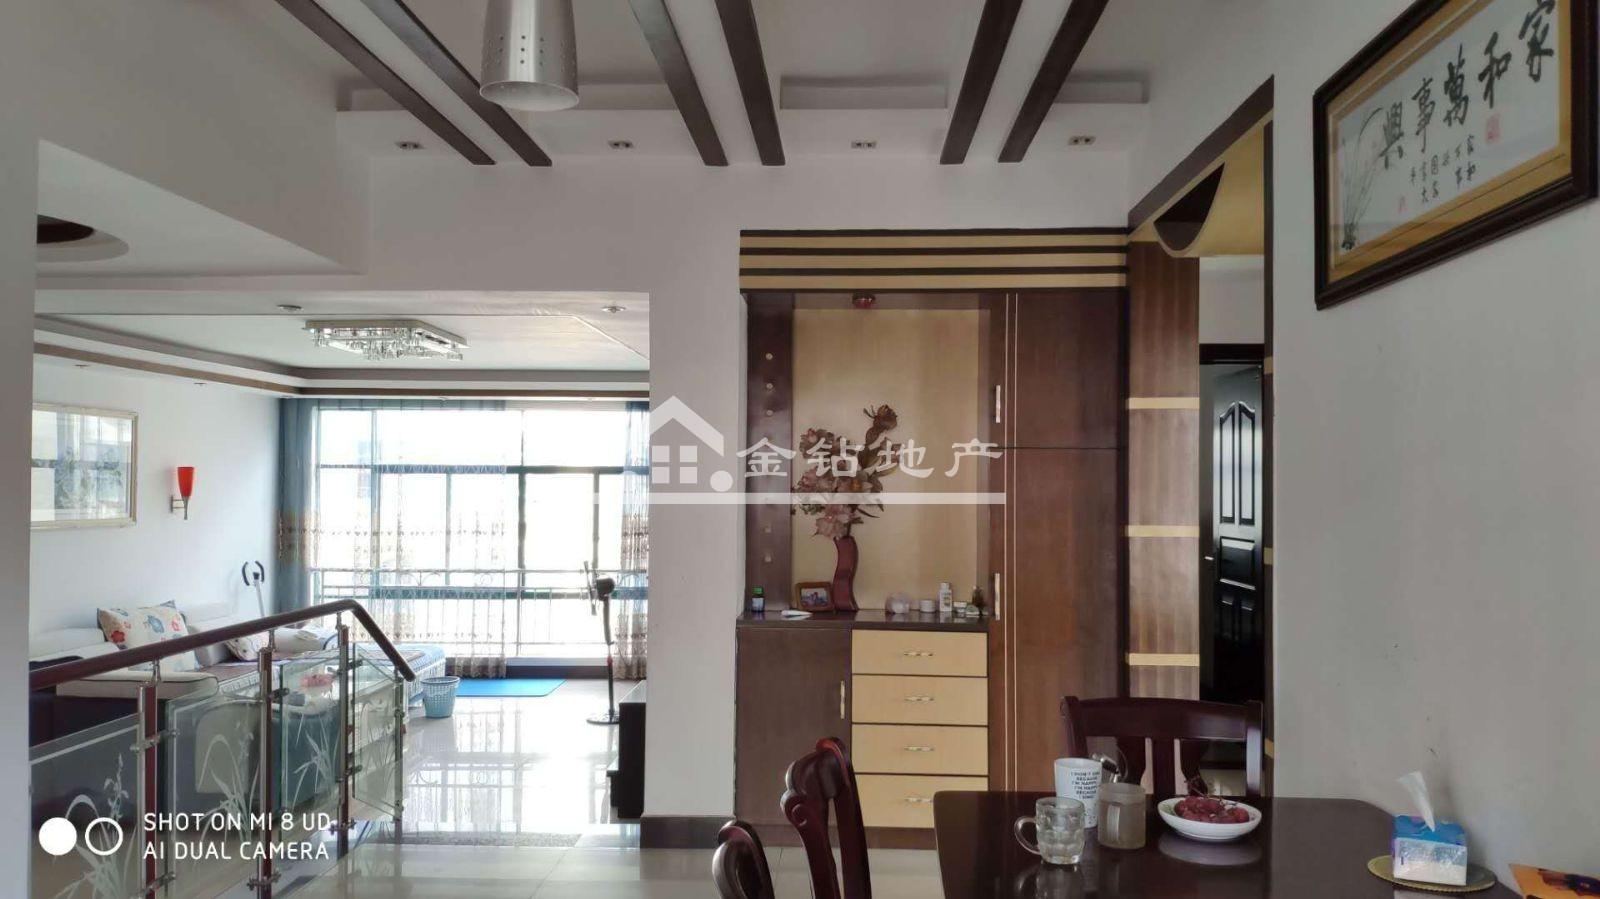 阳光水岸1期95万3室2厅2卫普通装修好楼层好位置低价位